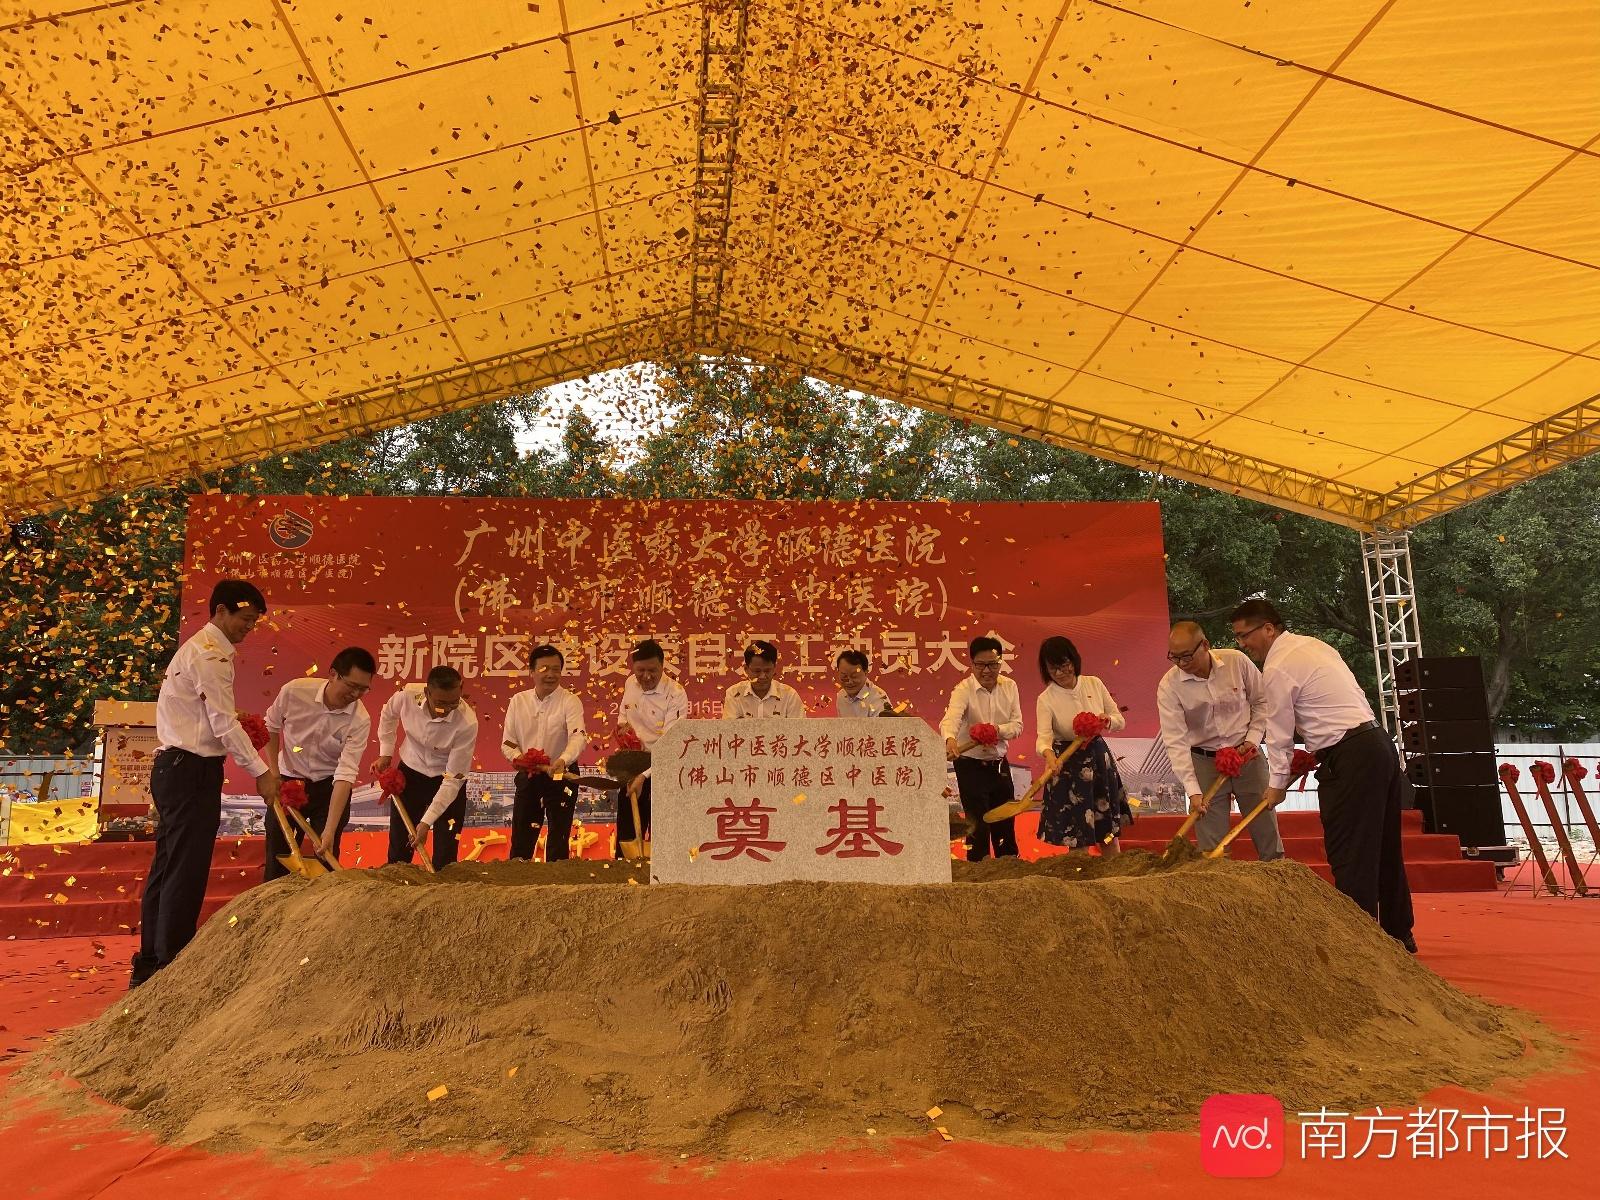 投资超20亿元,选址大良红岗!广州中医药大学顺德医院开建